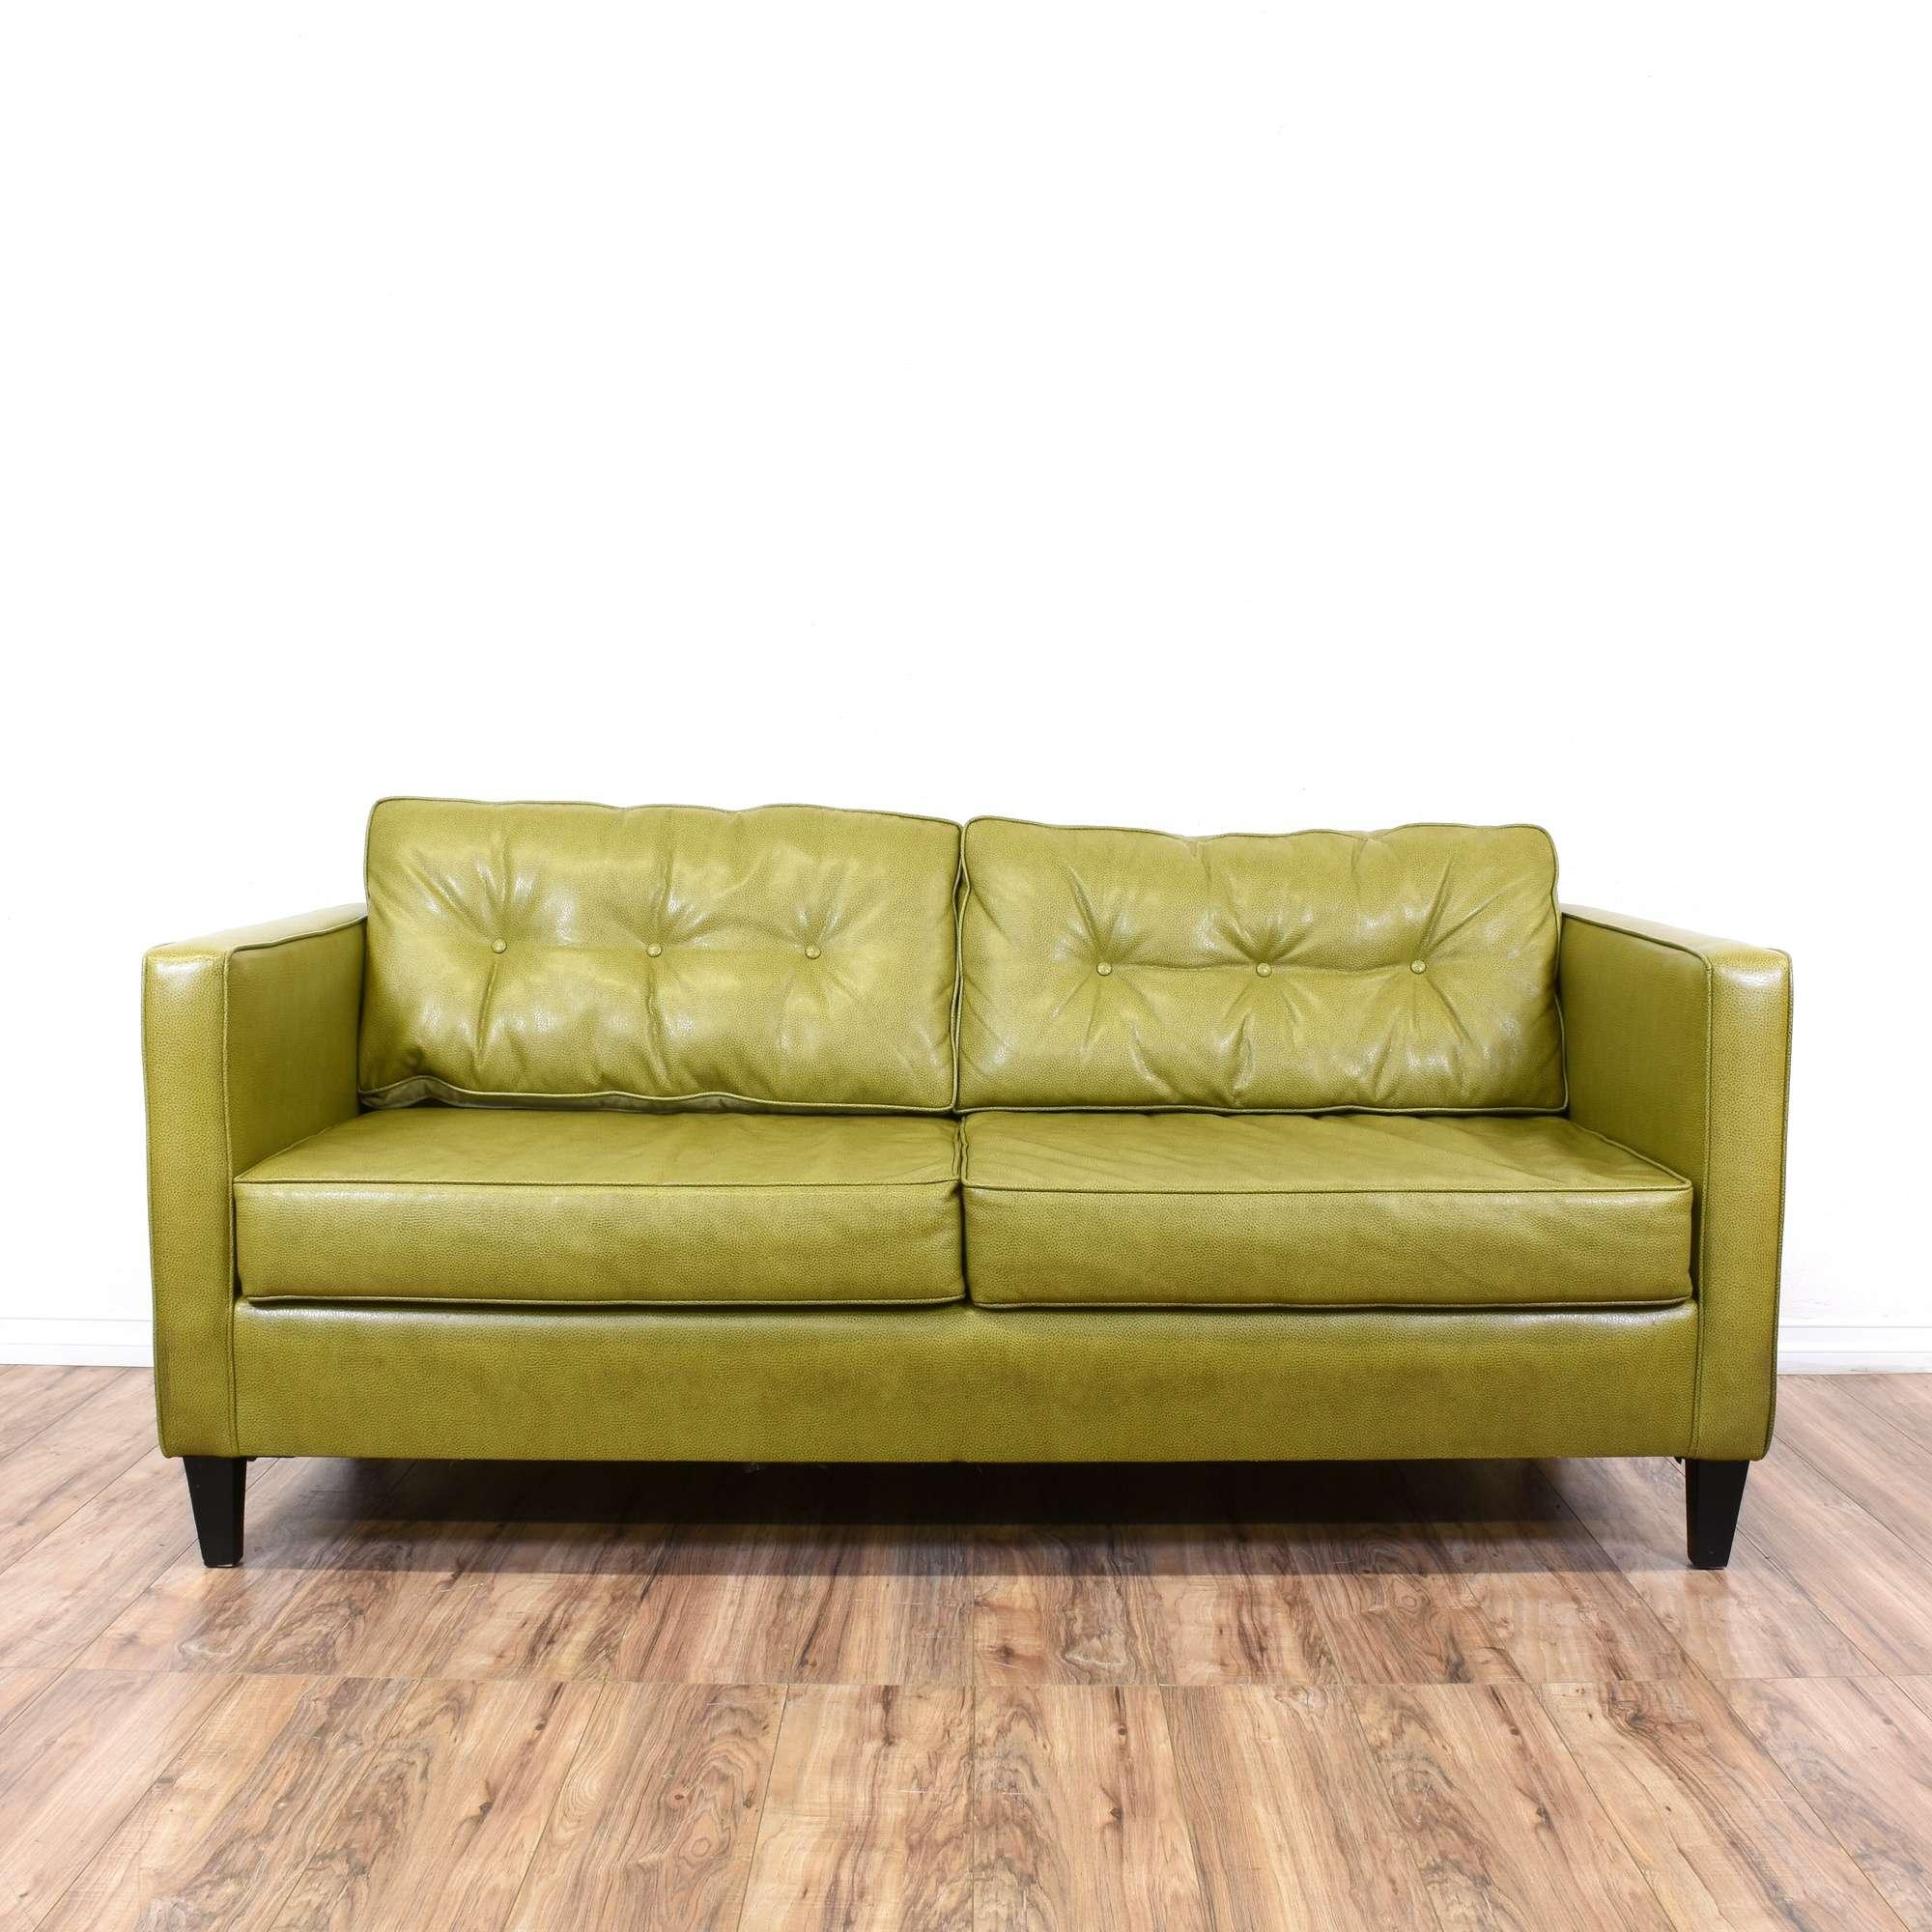 Mid Century Style Tufted Green Loveseat Sofa - Loveseat Vintage